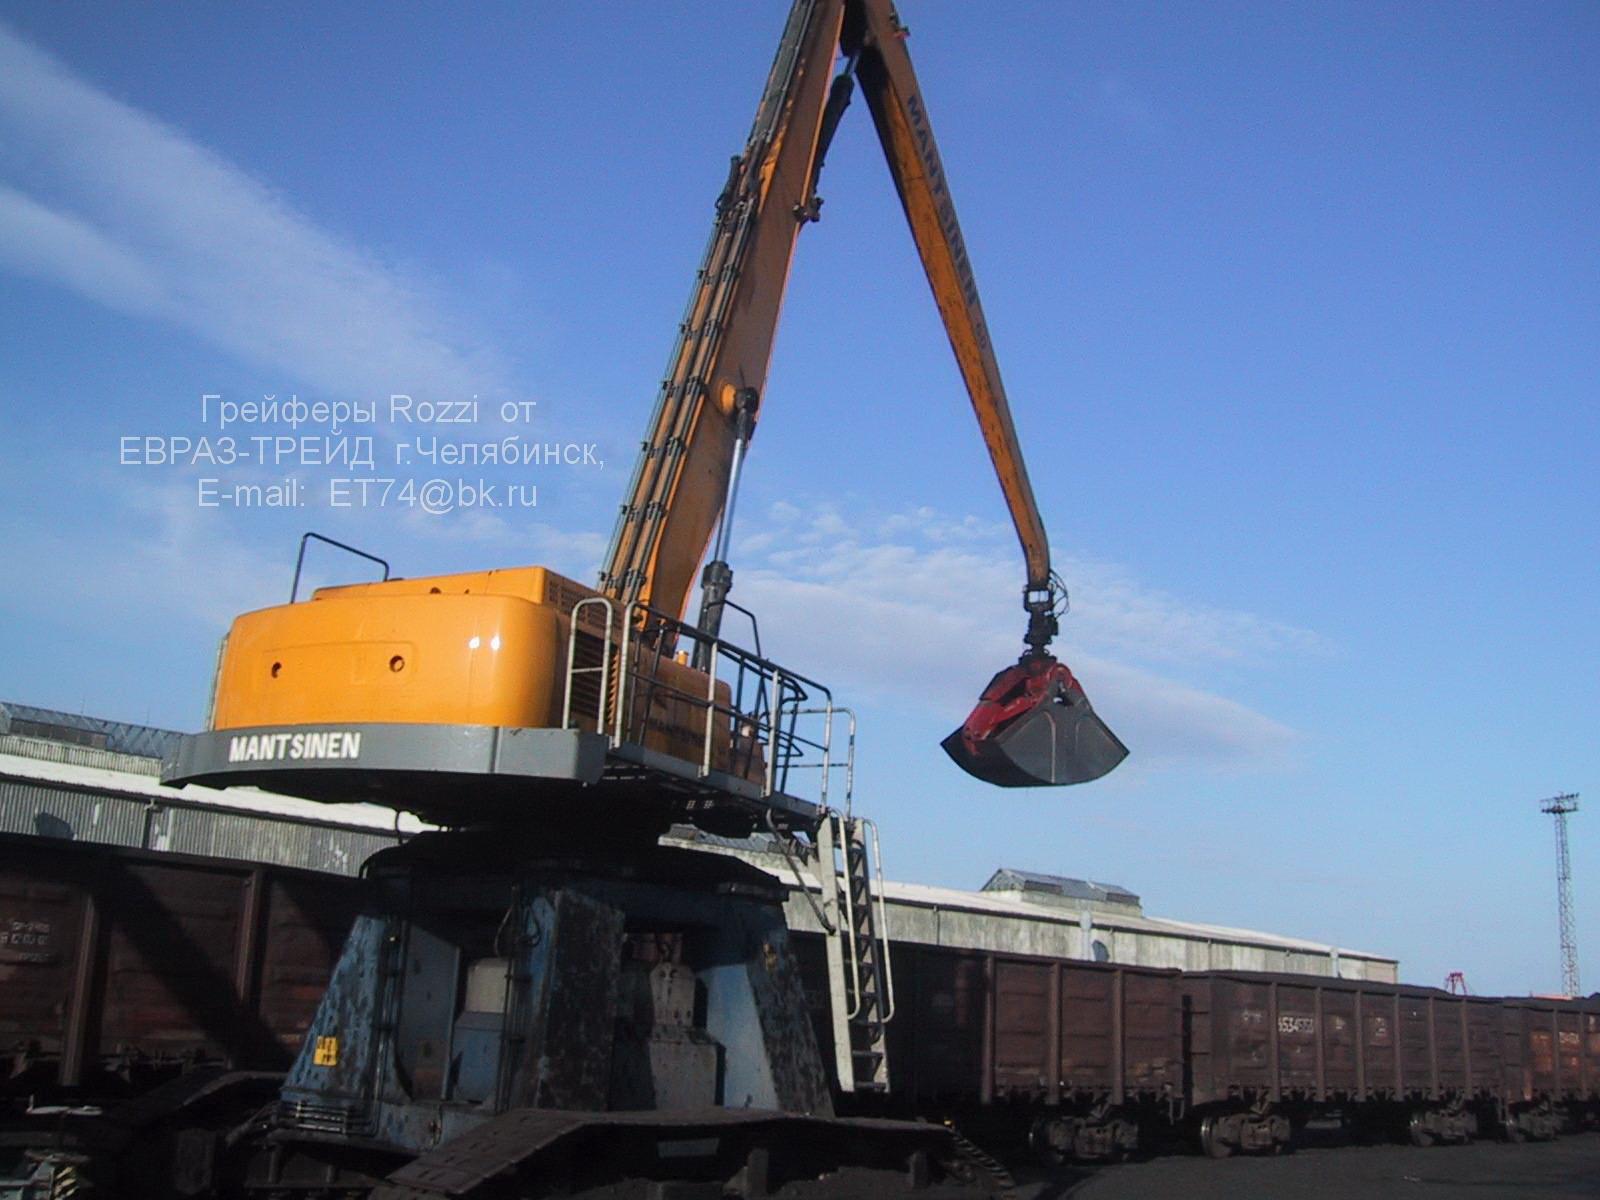 Грейфер гидравлический RVG600A5P, объемом 0,6 куб.м 5 лепестков, в сборе с гидравлическими ротатороми R3BM24-IR (12 тонн) и подвеской модель R7R